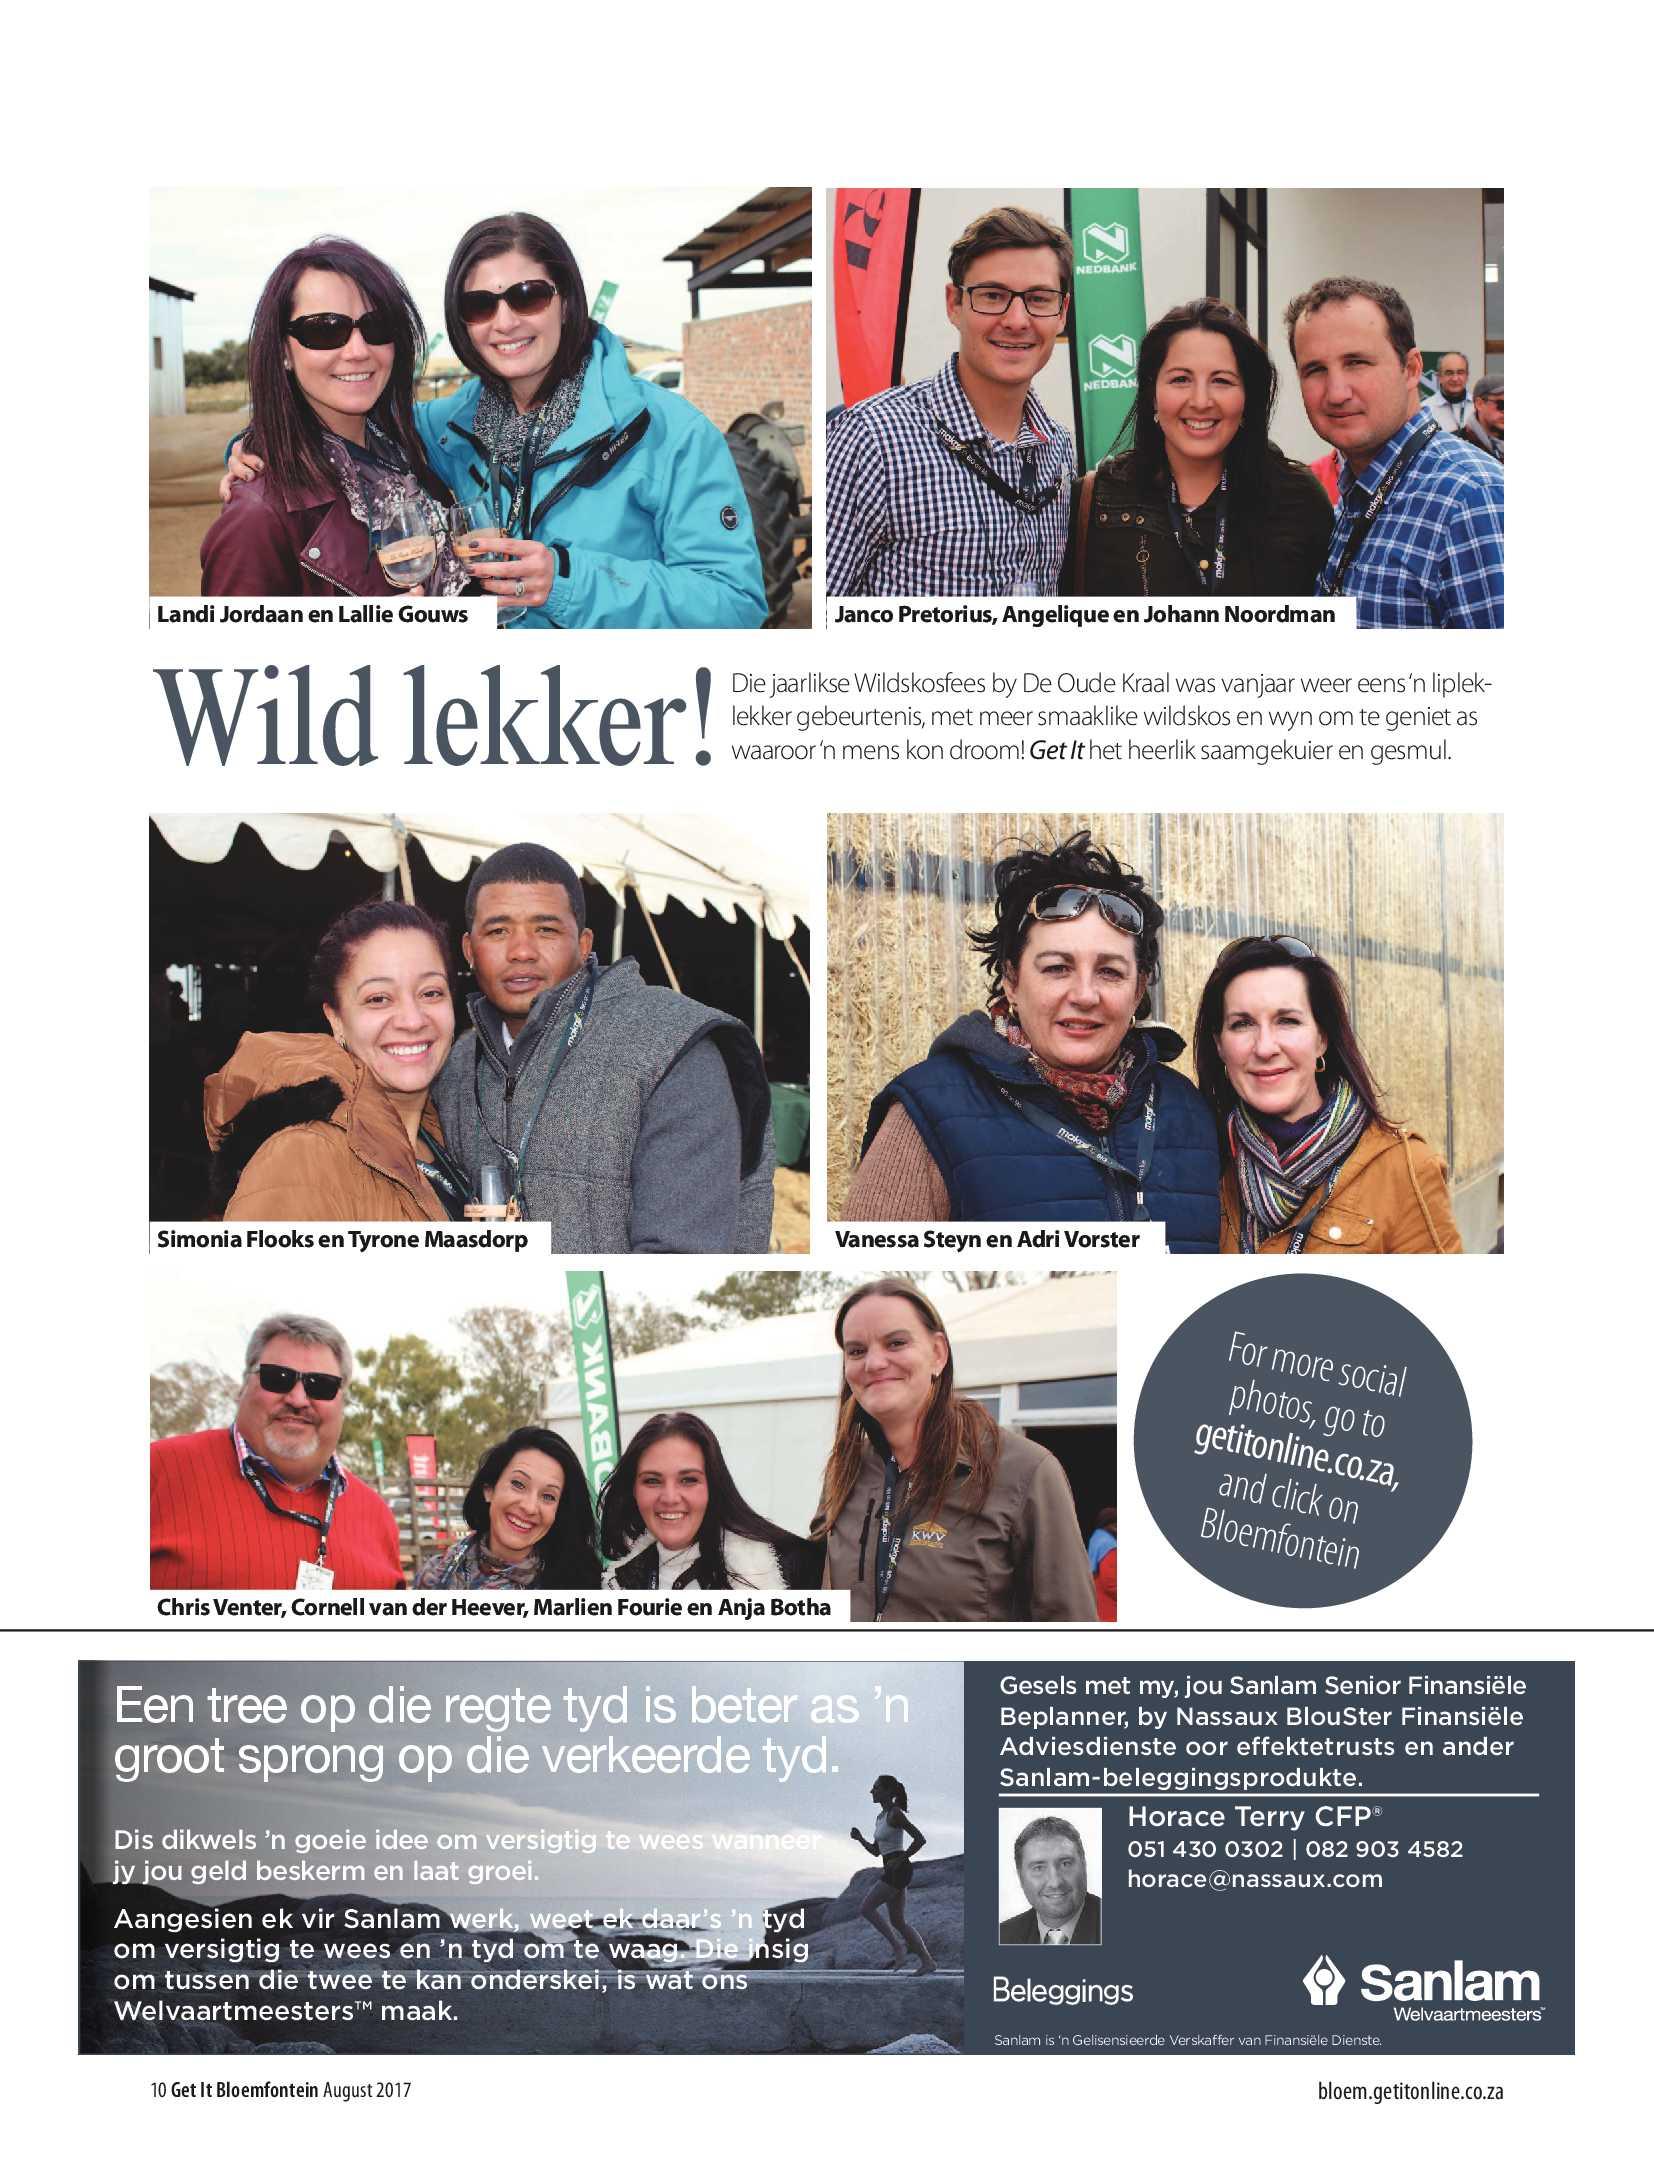 get-bloemfontein-august-2017-epapers-page-12